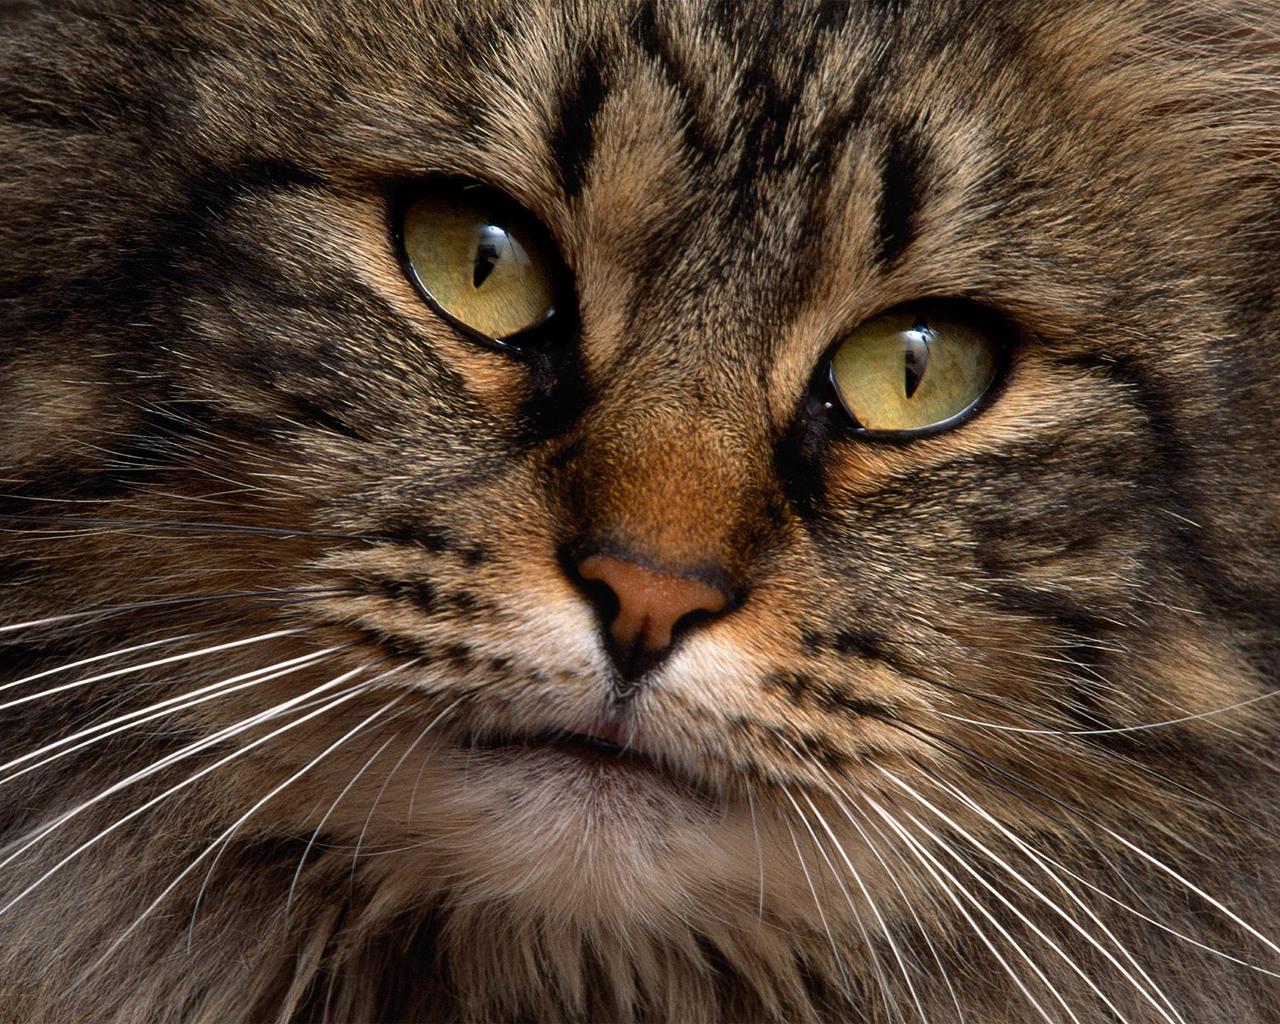 Cats wallpaper   Cats Wallpaper 5194373 1280x1024